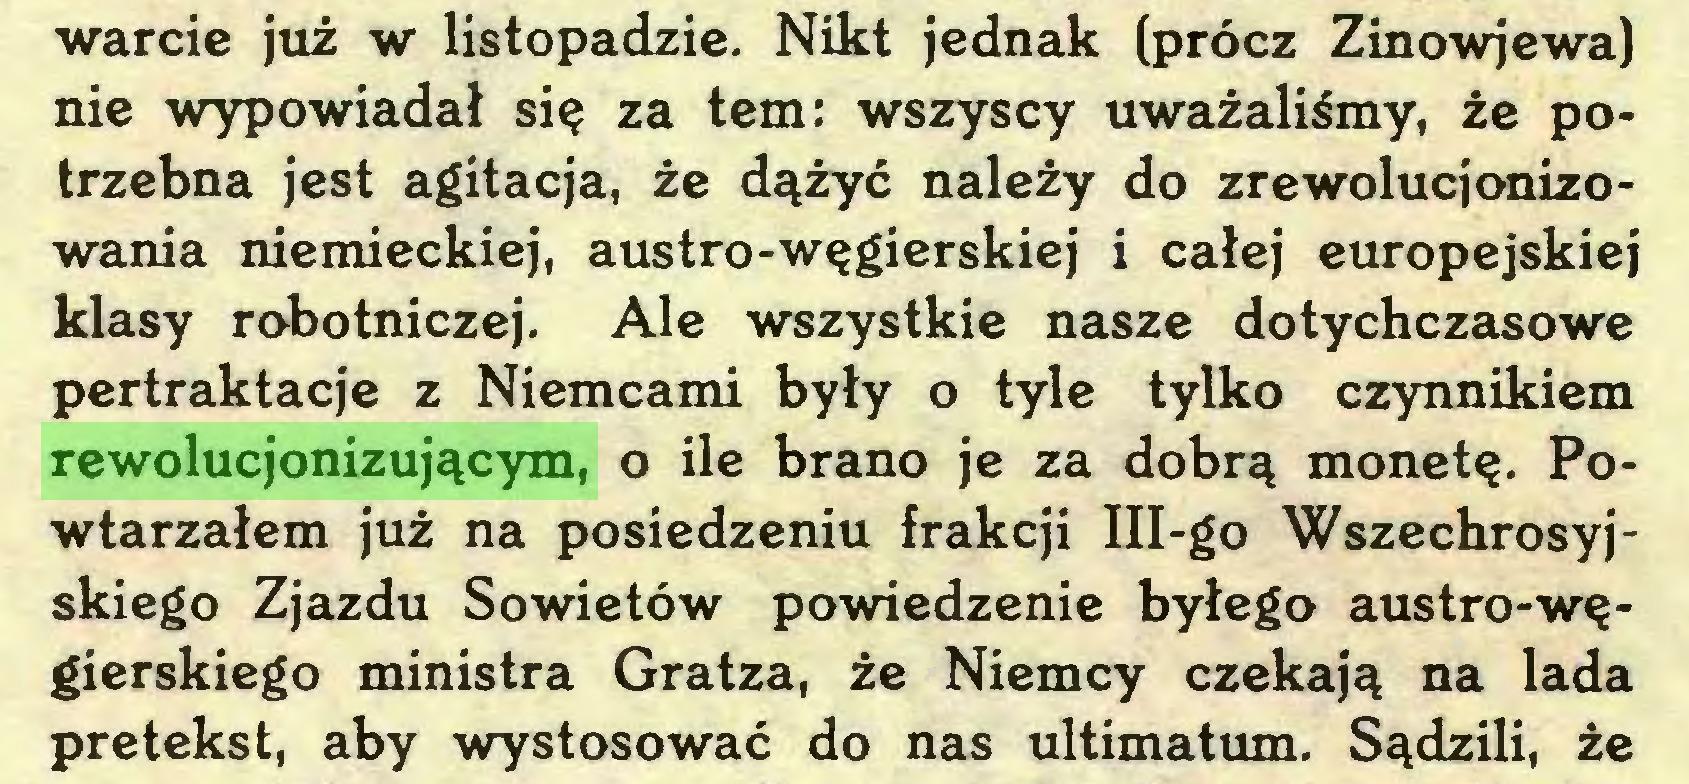 (...) warcie już w listopadzie. Nikt jednak (prócz Zinowjewa) nie wypowiadał się za tern: wszyscy uważaliśmy, że potrzebna jest agitacja, że dążyć należy do zrewolucjonizowania niemieckiej, austro-węgierskiej i całej europejskiej klasy robotniczej. Ale wszystkie nasze dotychczasowe pertraktacje z Niemcami były o tyle tylko czynnikiem rewolucjonizującym, o ile brano je za dobrą monetę. Powtarzałem już na posiedzeniu frakcji Iii-go Wszechrosyjskiego Zjazdu Sowietów powiedzenie byłego austro-węgierskiego ministra Gratza, że Niemcy czekają na lada pretekst, aby wystosować do nas ultimatum. Sądzili, że...